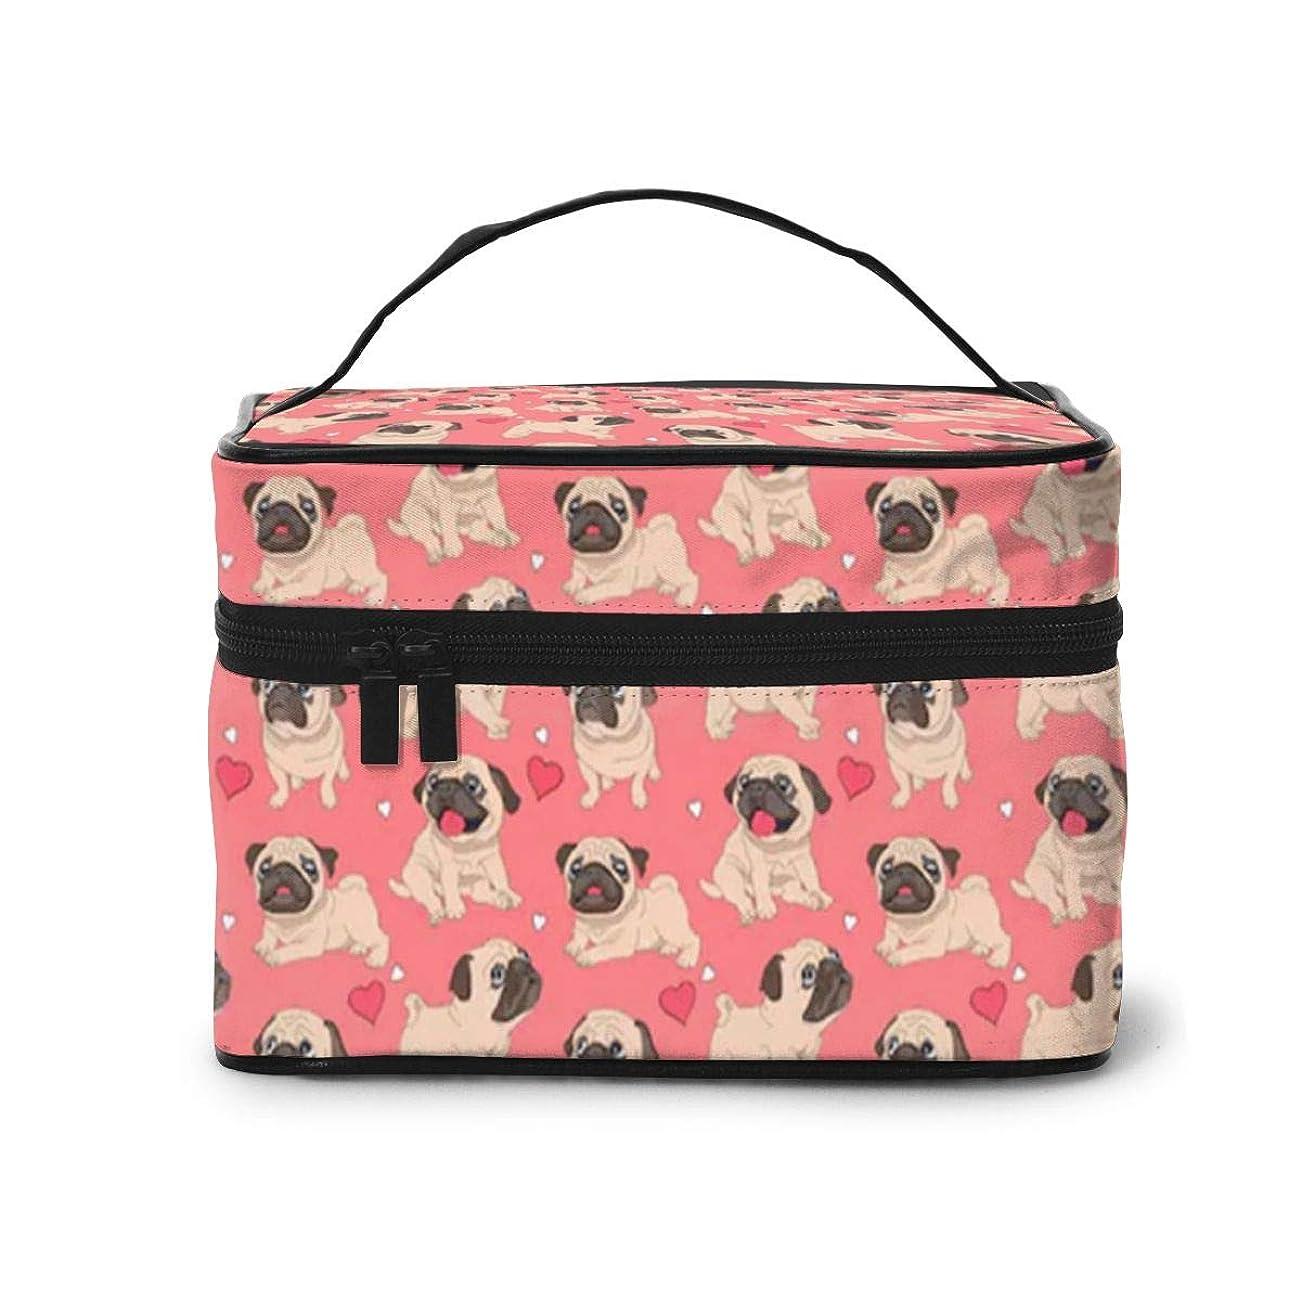 テンポピーブ魅力的であることへのアピールSharing Life かわいい パグ 犬柄 メイクボックス 化粧ポーチ メイクブラシバッグ トラベルポーチ 化粧品収納ケース 機能的 大容量 かわいい 小物整理 収納